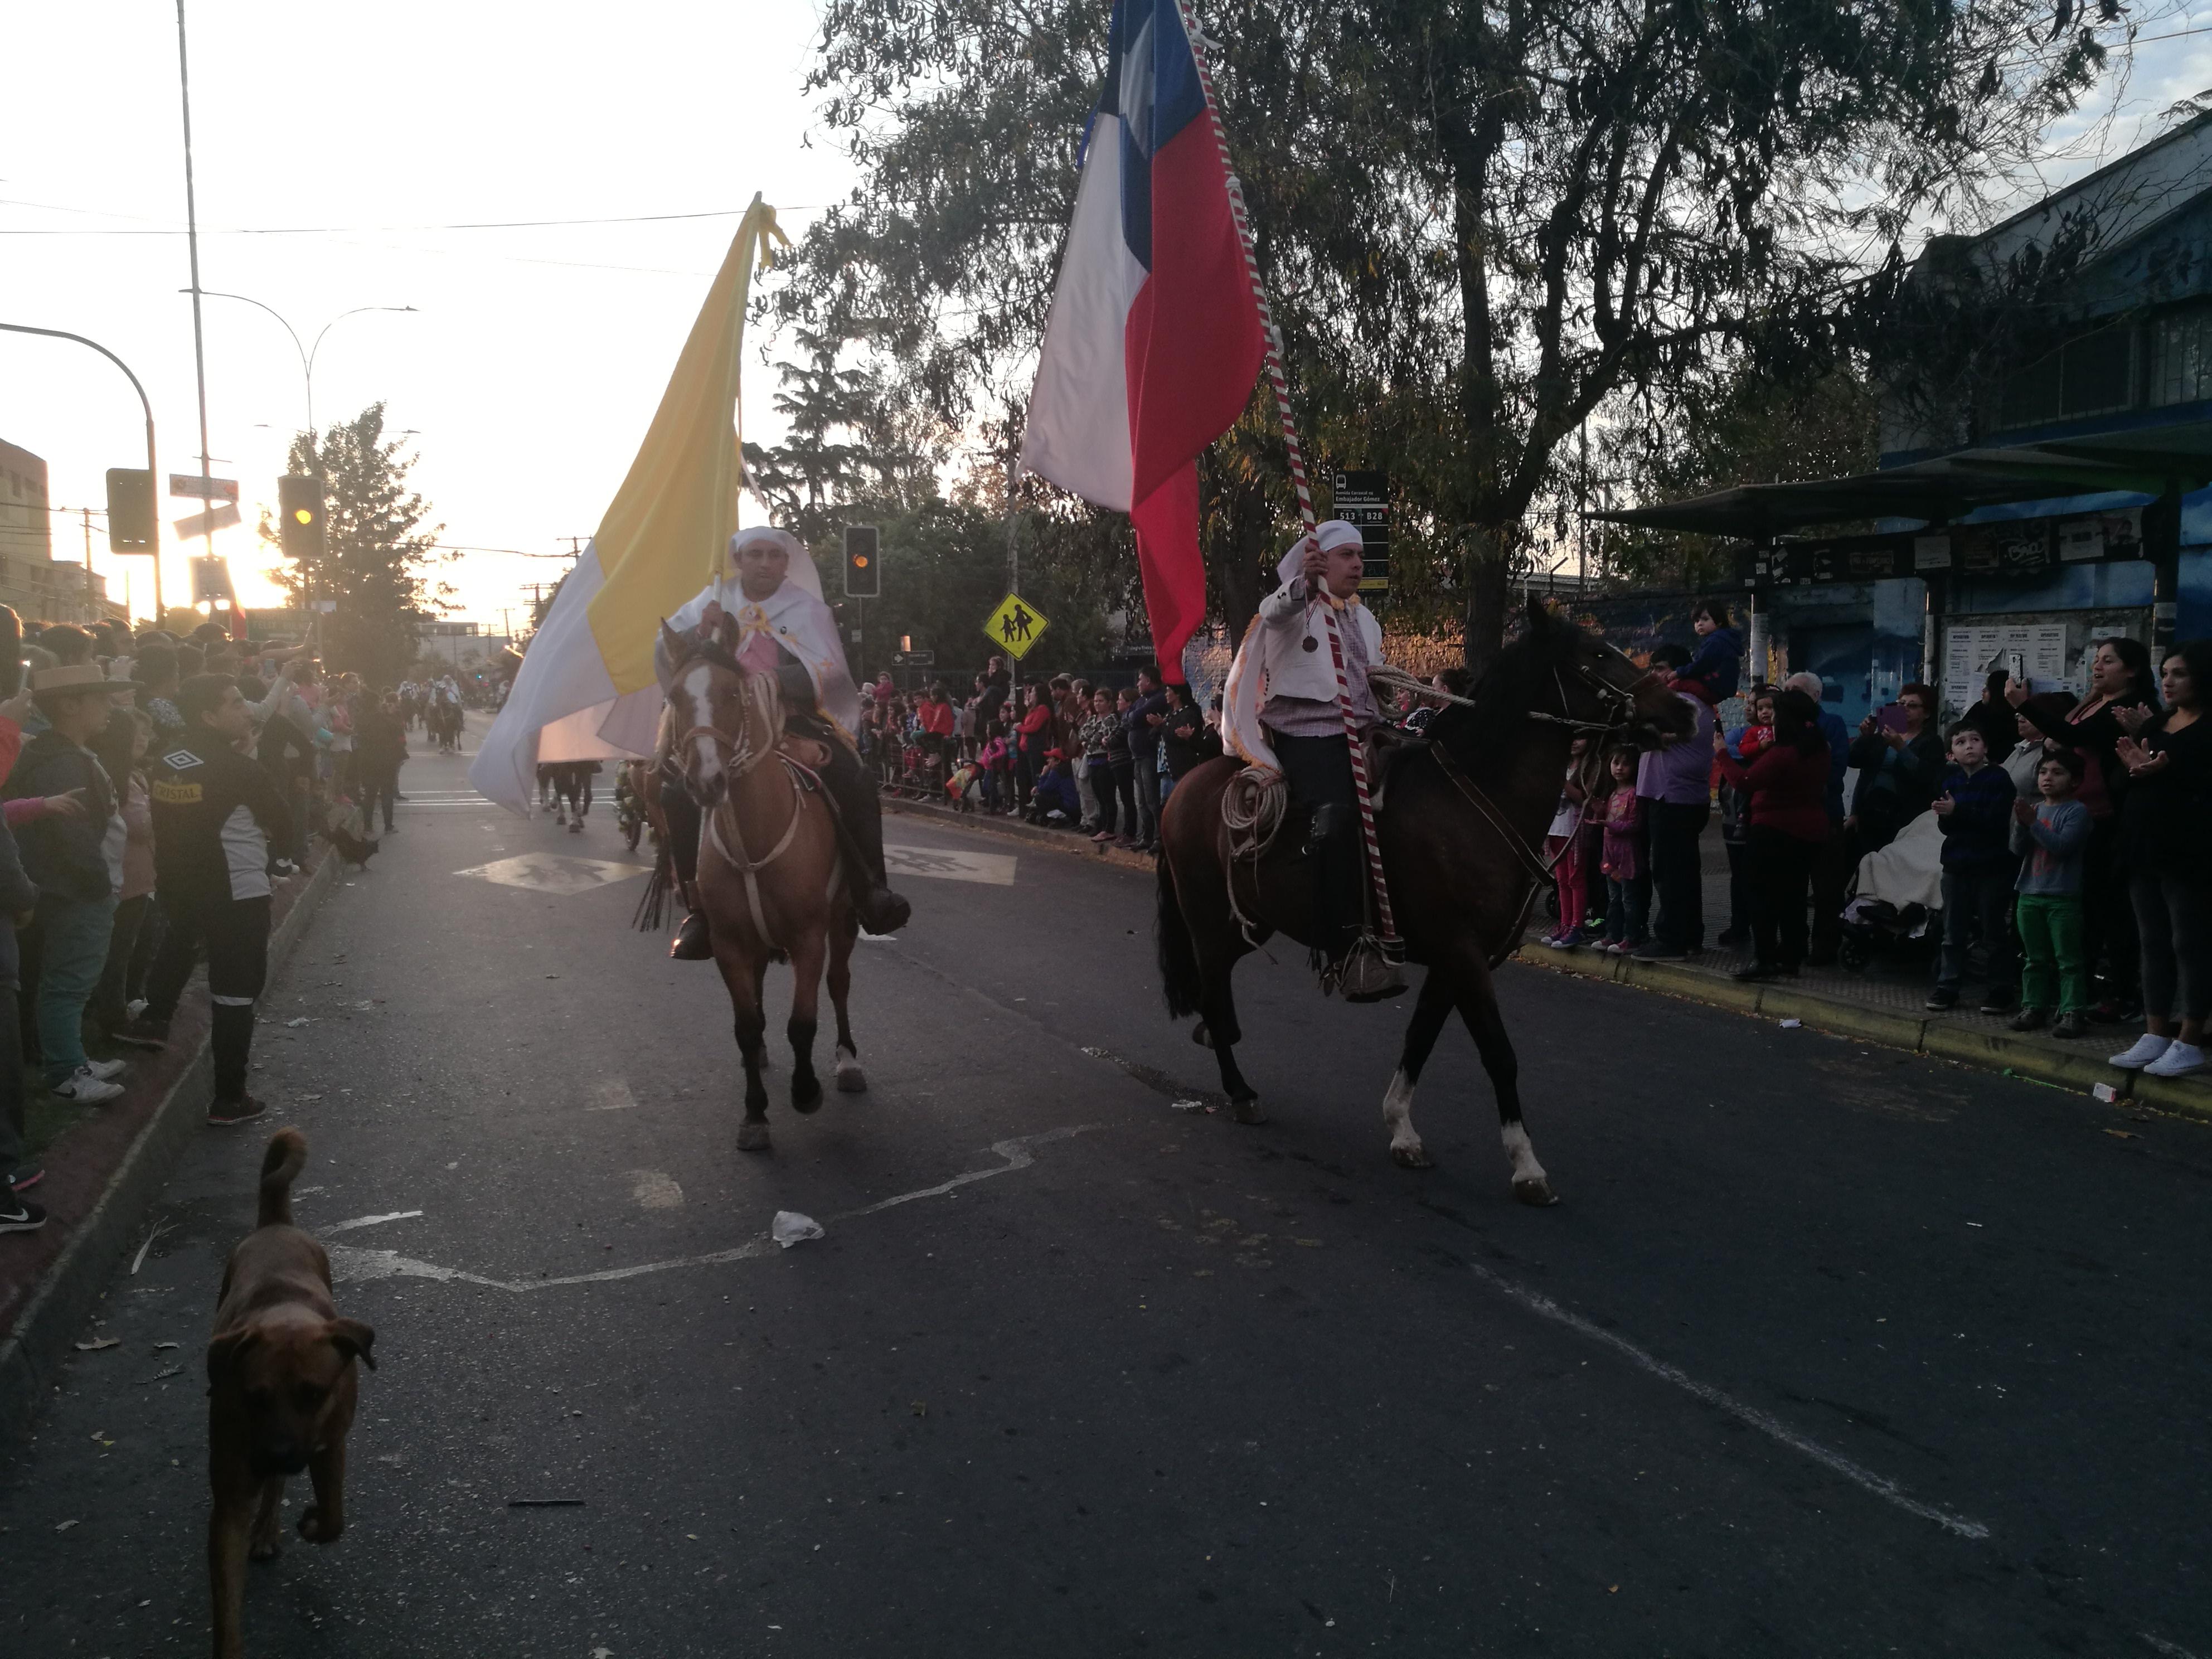 Con bailes y mucha devoción, se realizó tradicional fiesta del Cuasimodo